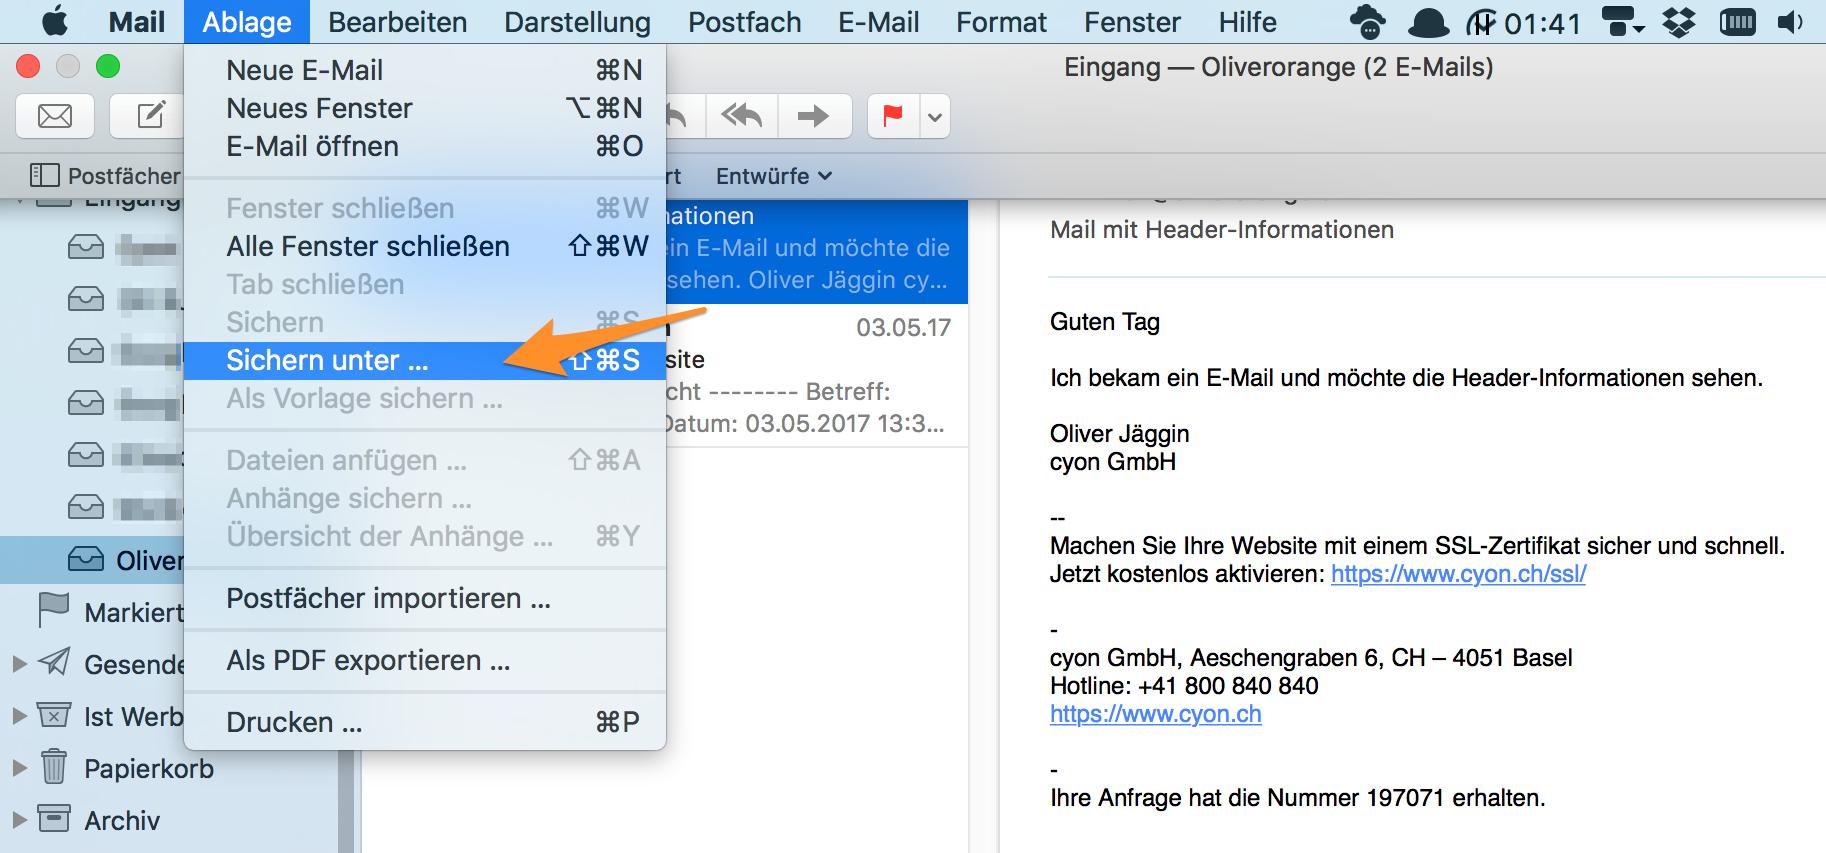 «Sichern unter ...» im Apple-Mail.